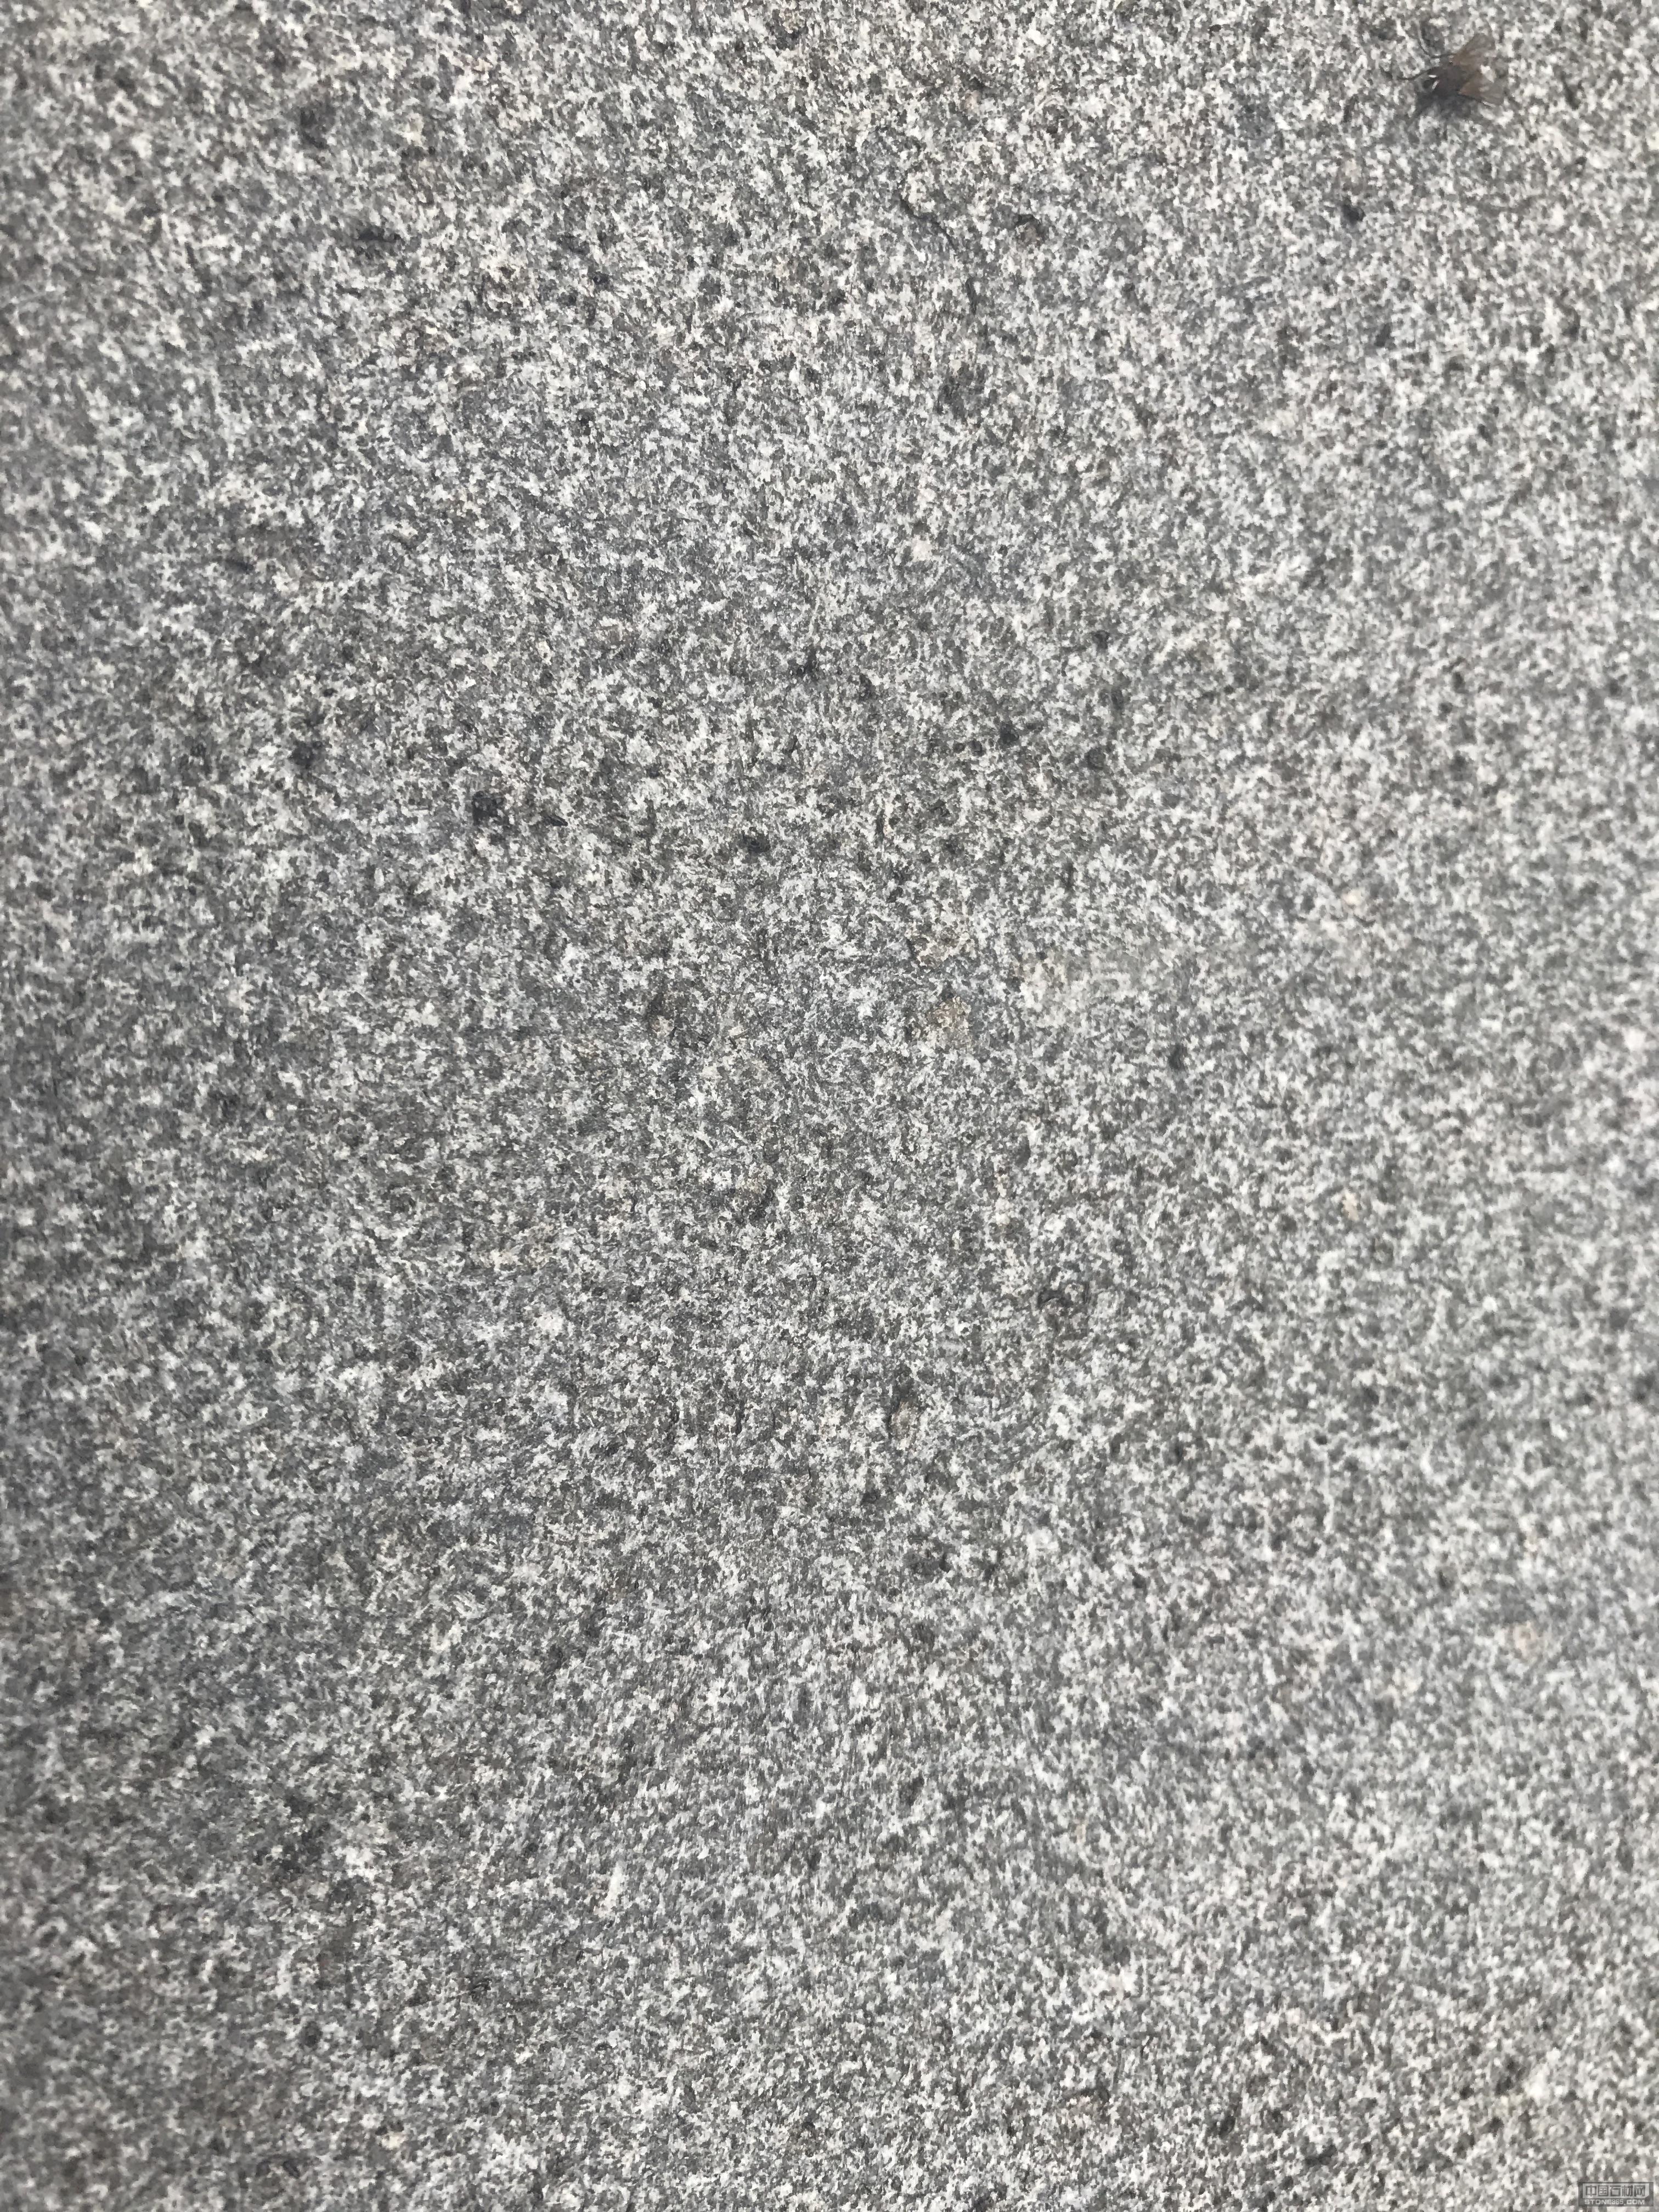 中国黑石材,河北产地